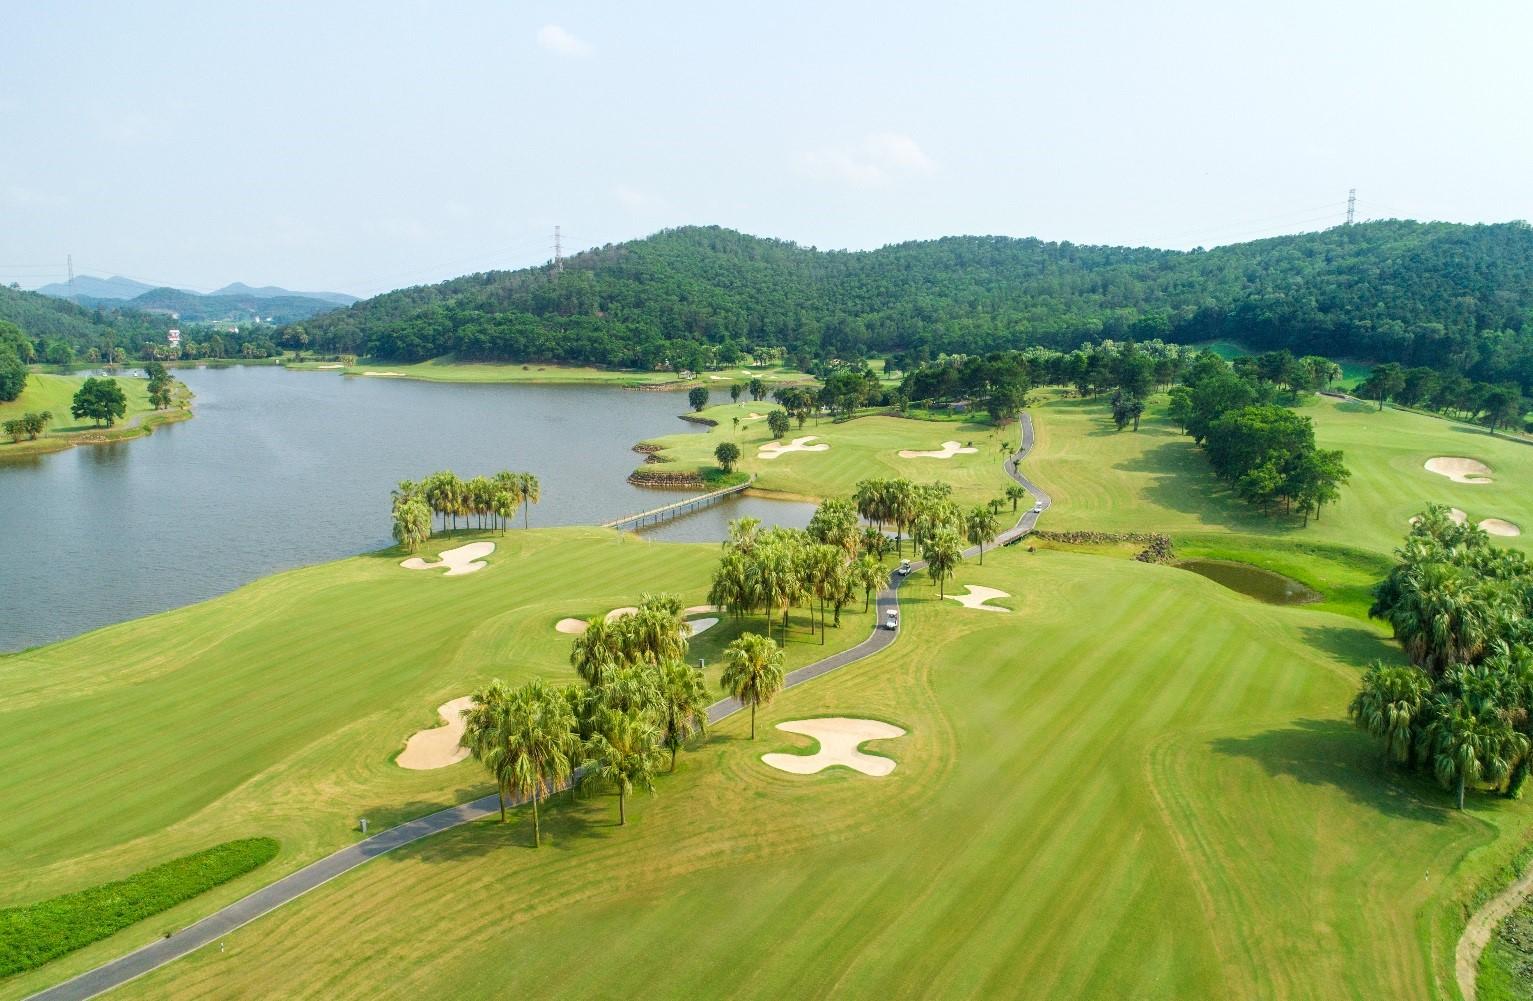 sân golf Chí Linh Golf Club